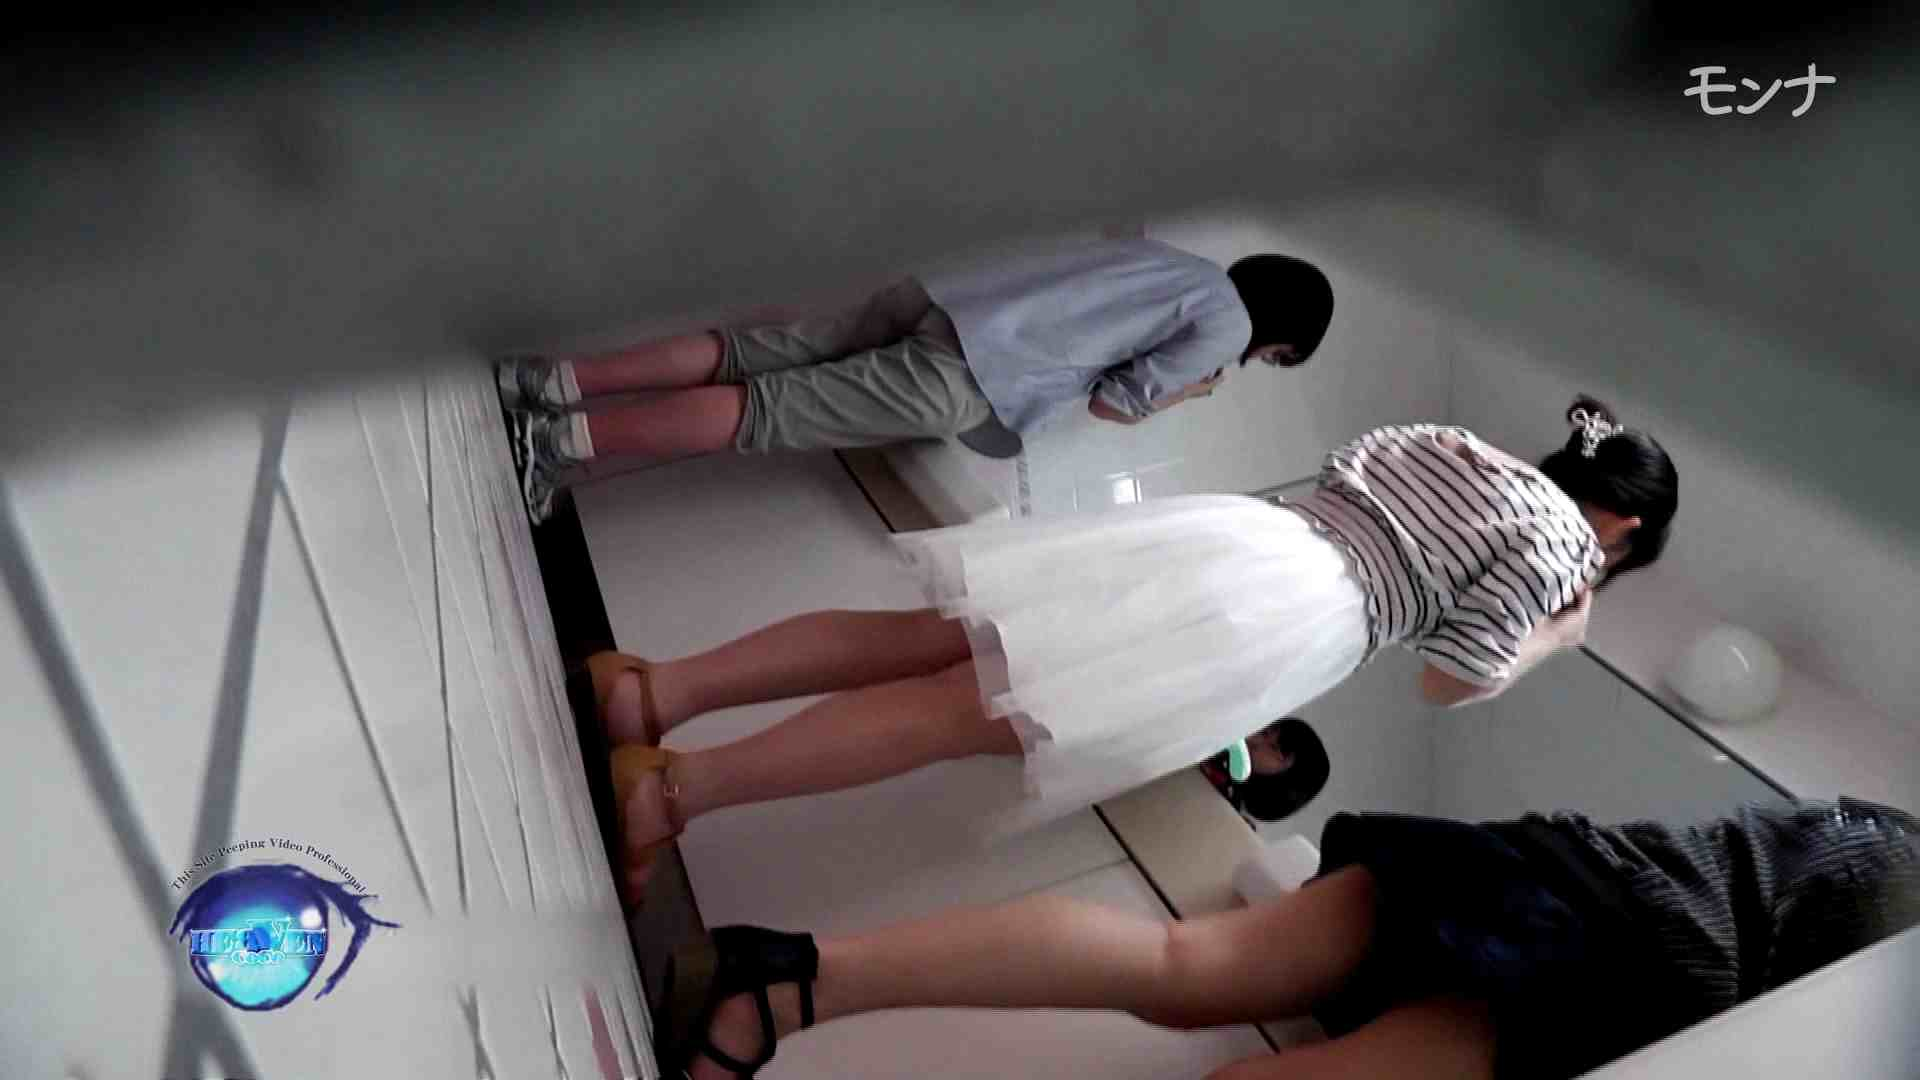 美しい日本の未来 No.96 盗撮 おまんこ無修正動画無料 75画像 41